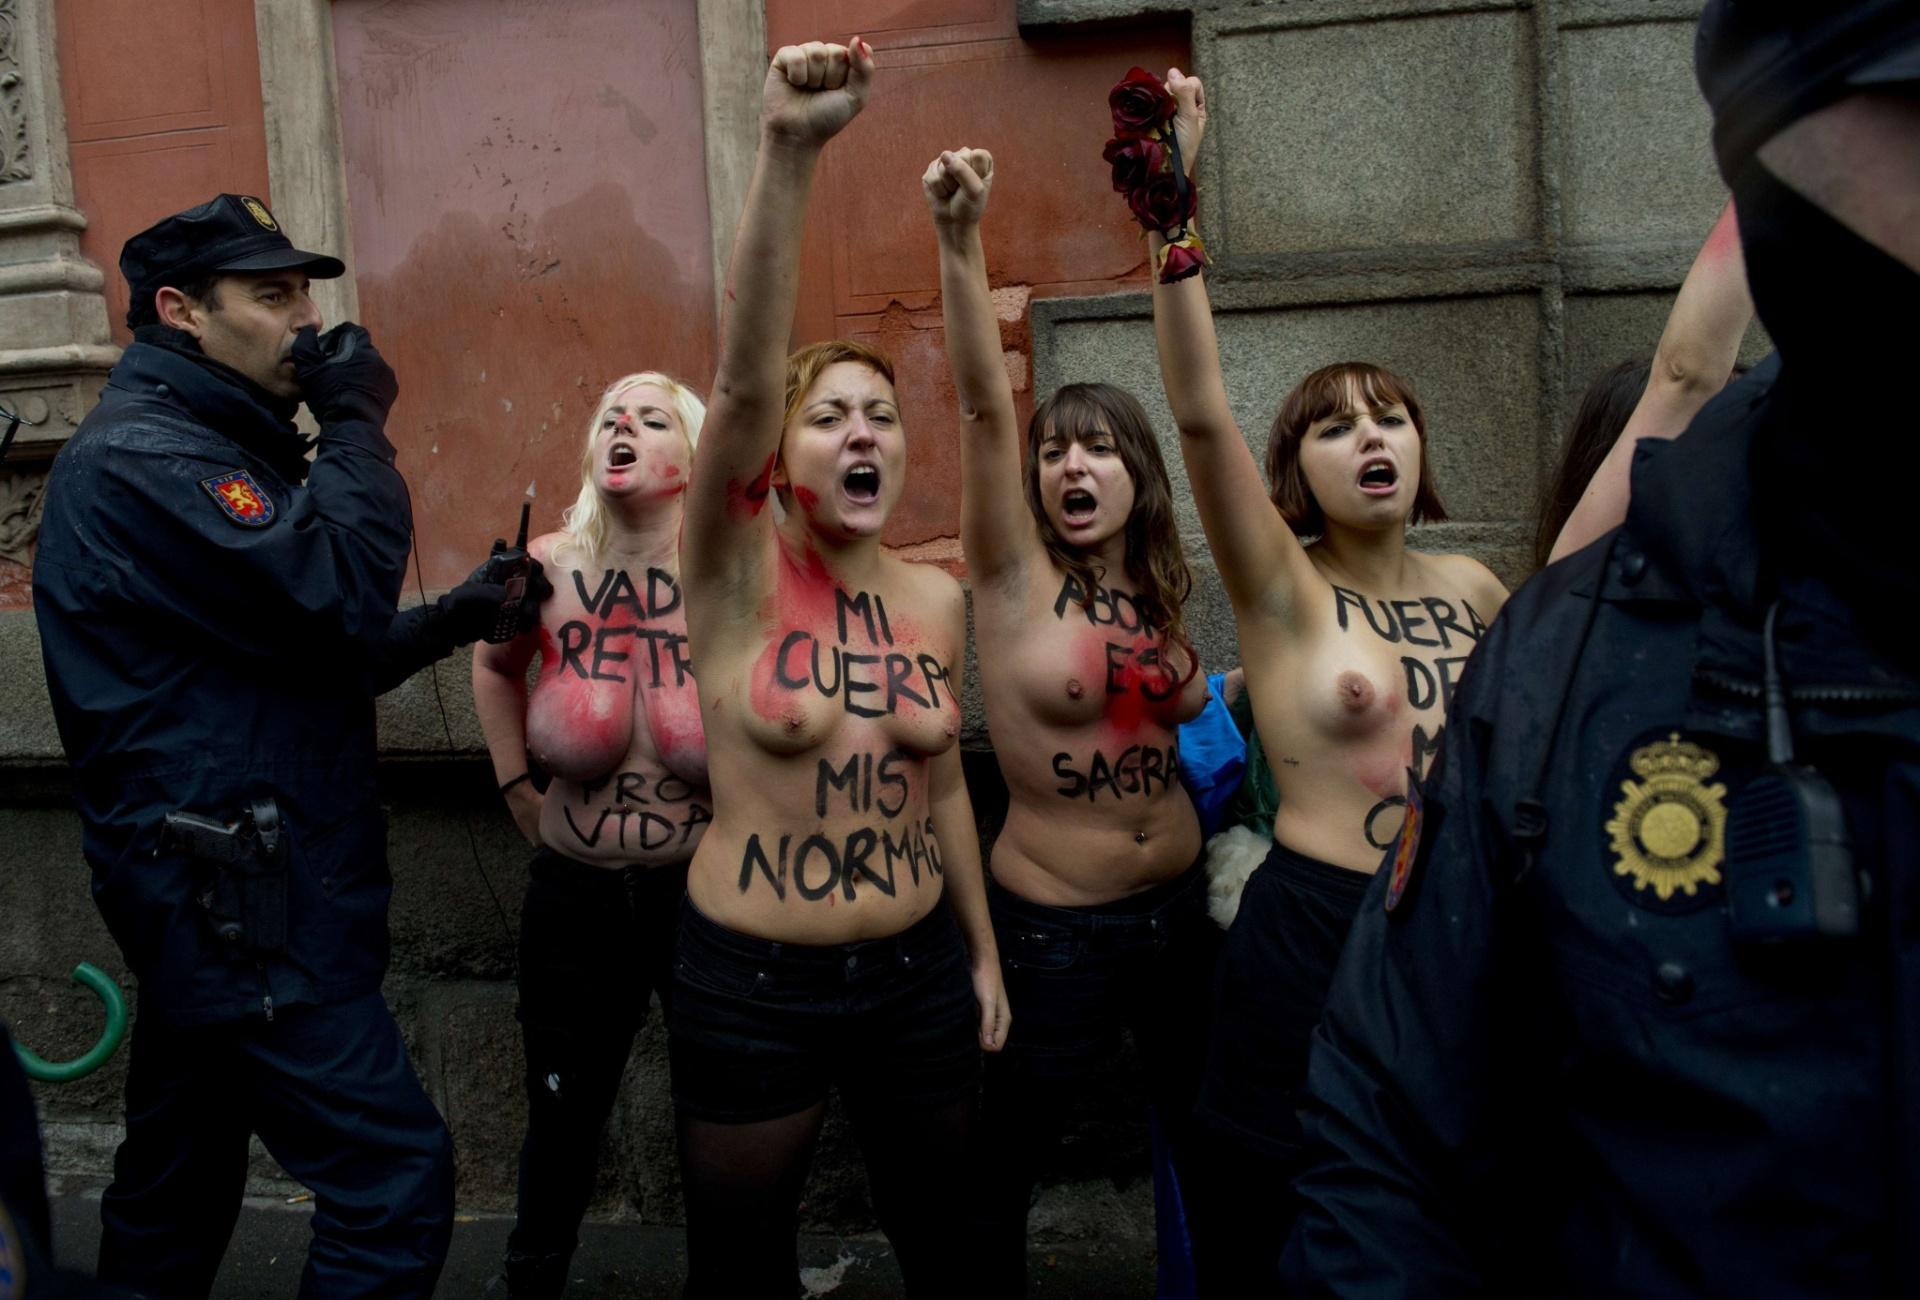 17.nov.2013 - Ativistas do Femen, famoso por protestos com mulheres seminuas, são rodeadas por policiais durante protesto contra uma marcha anti-aborto em Madri (Espanha), neste domingo (17)